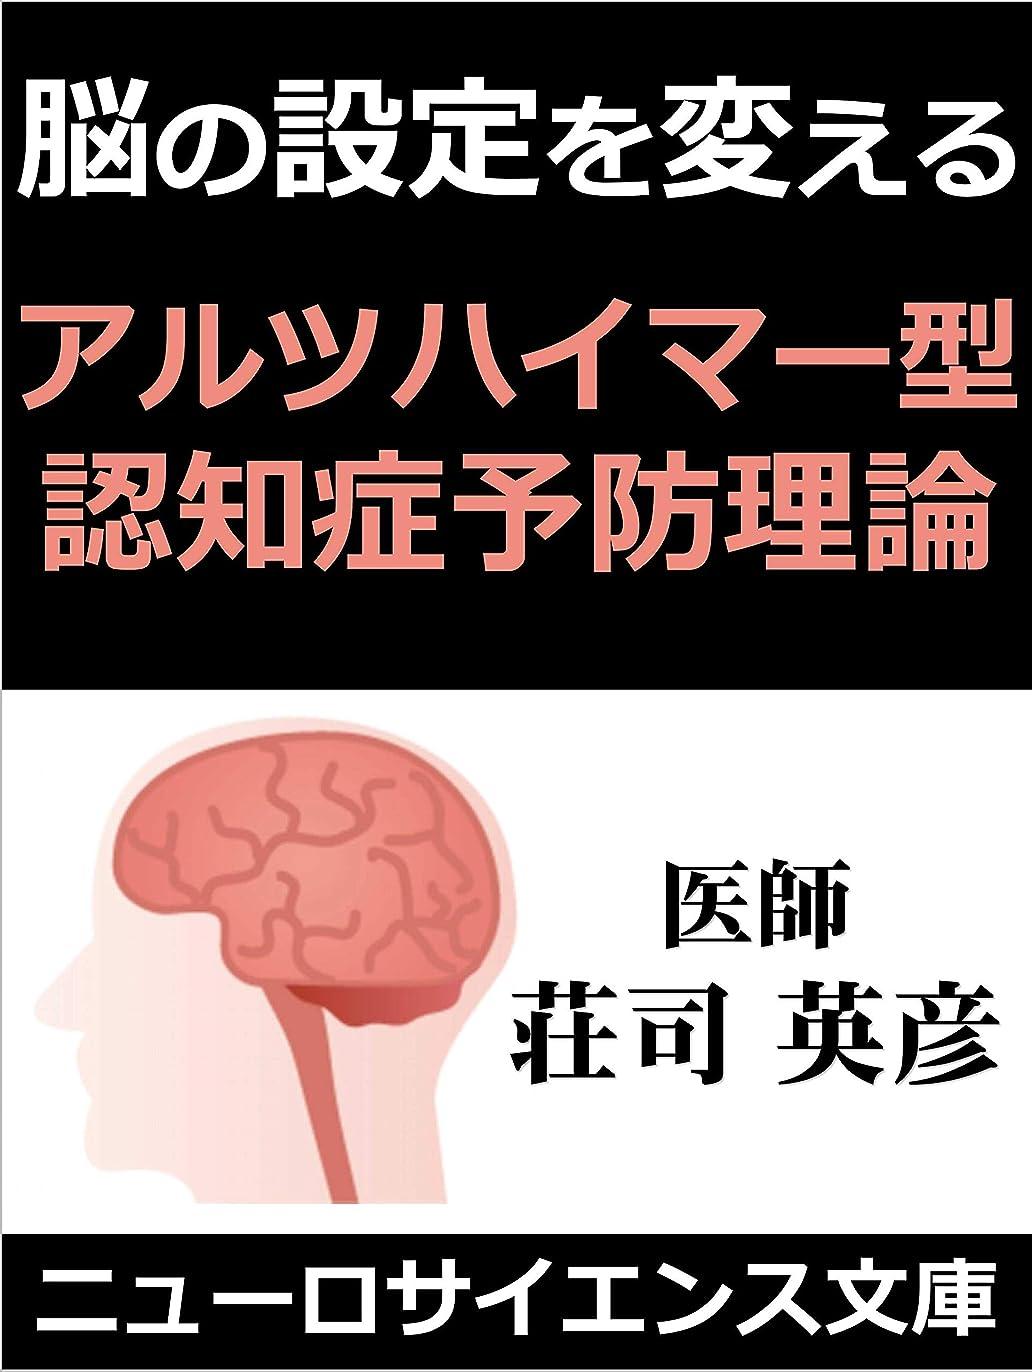 ちっちゃいスキャン言うアルツハイマー型認知症の予防理論 脳の設定を変える